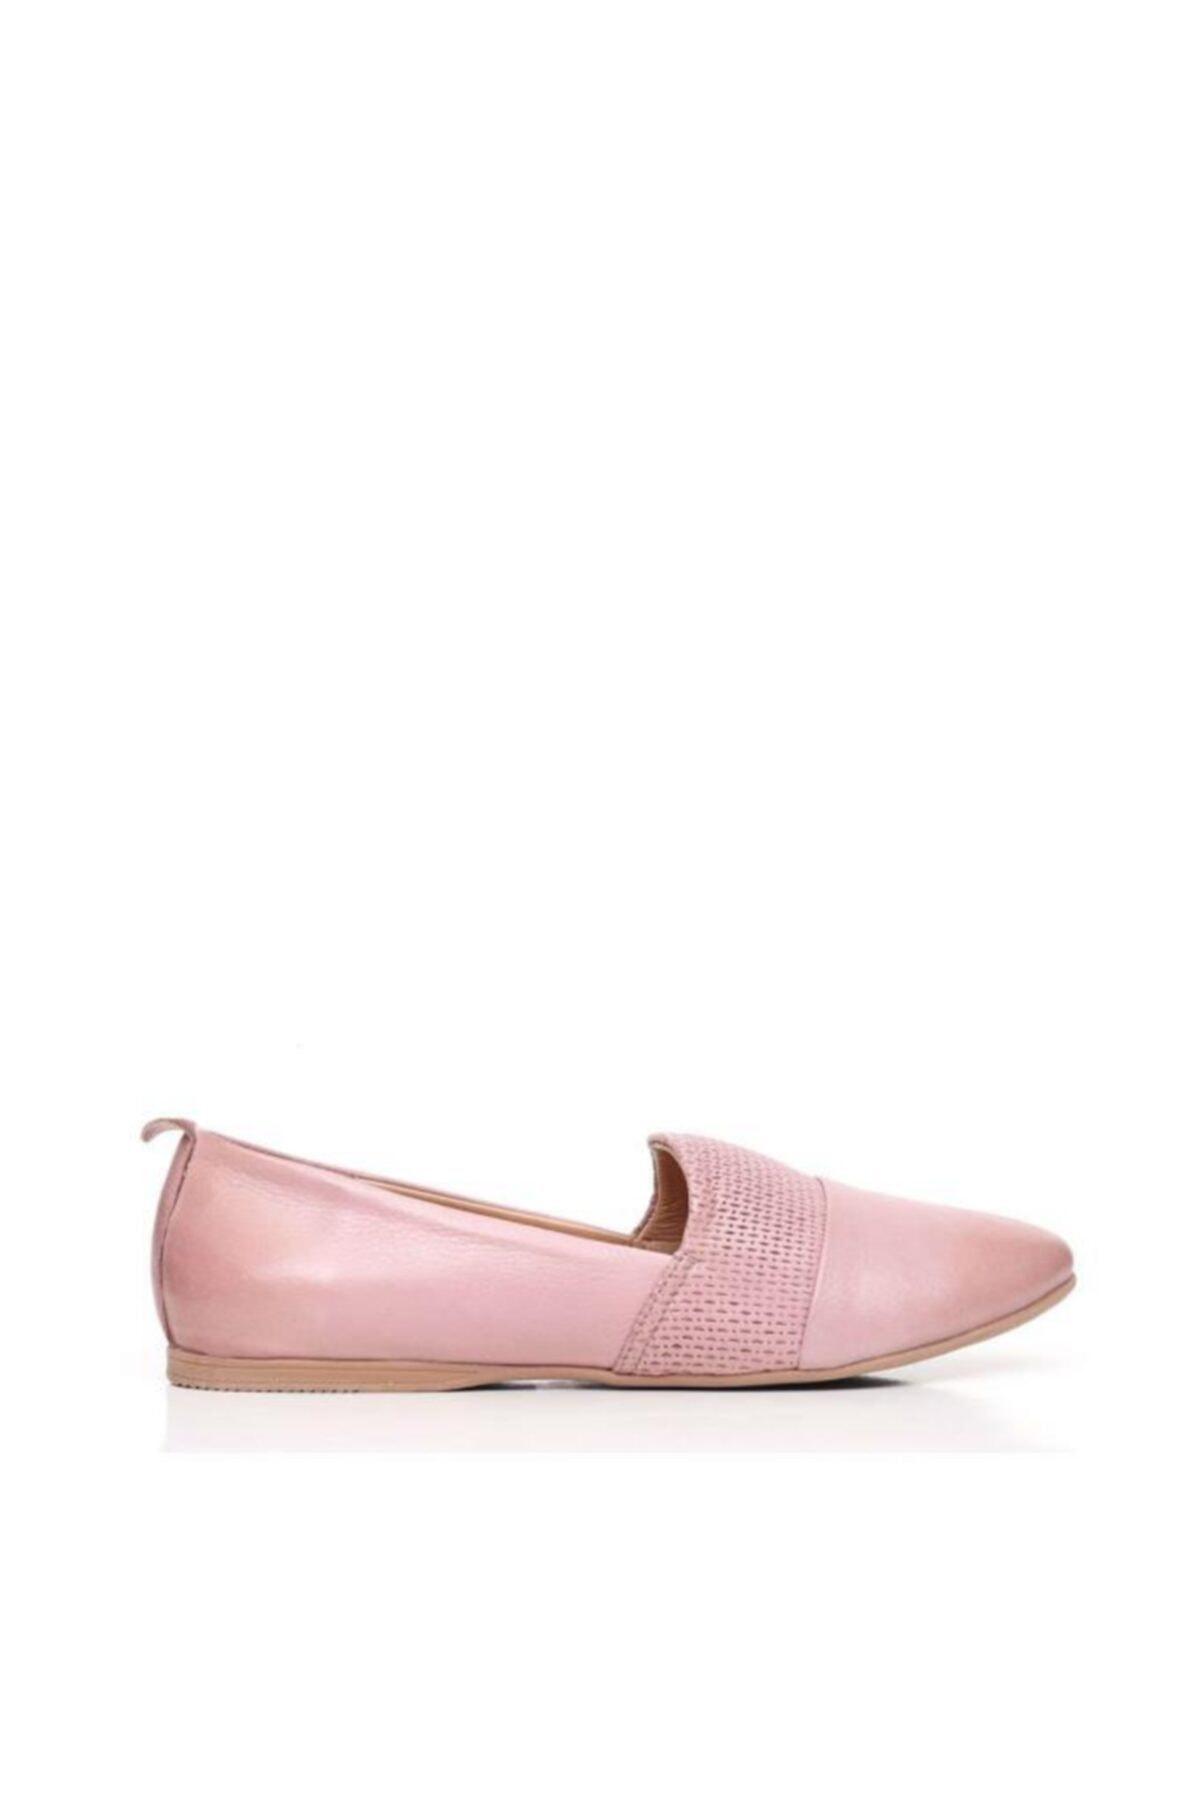 BUENO Shoes Önden Desenli Hakiki Deri Kadın Babet 9n0700 1